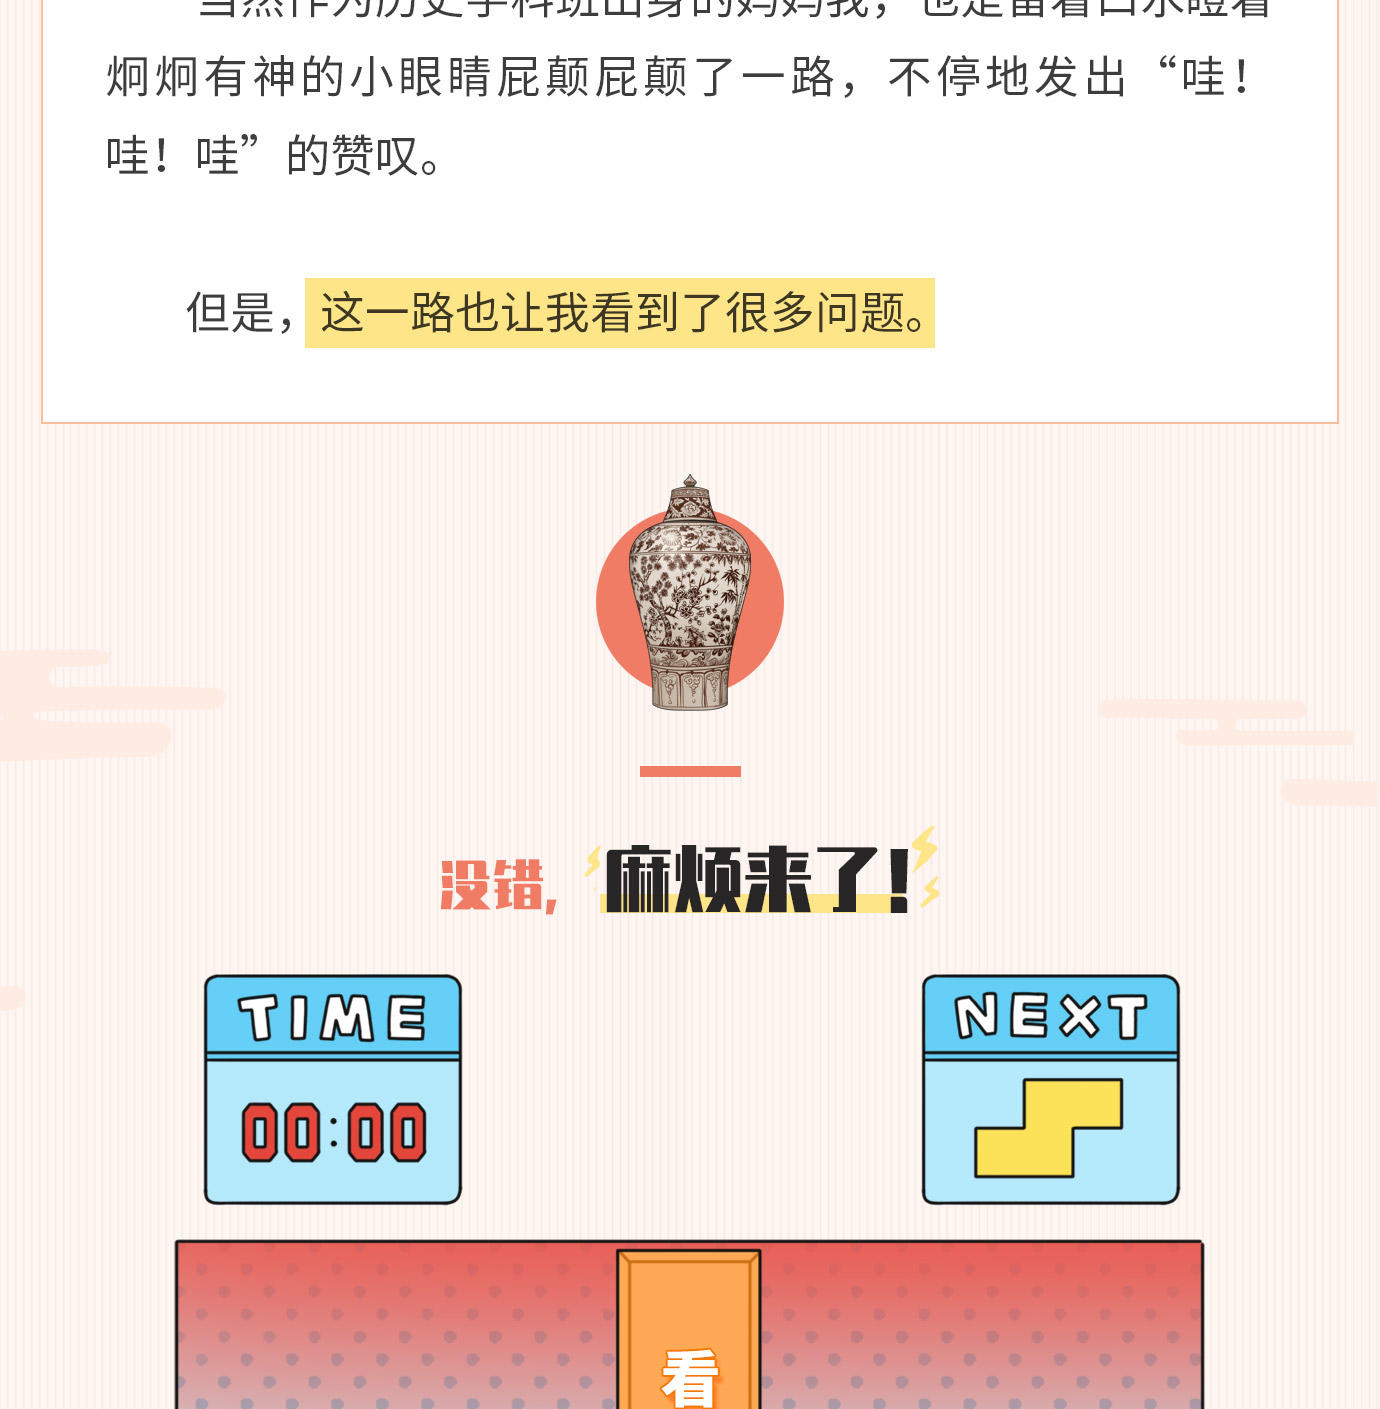 漫话国宝 (13).jpg